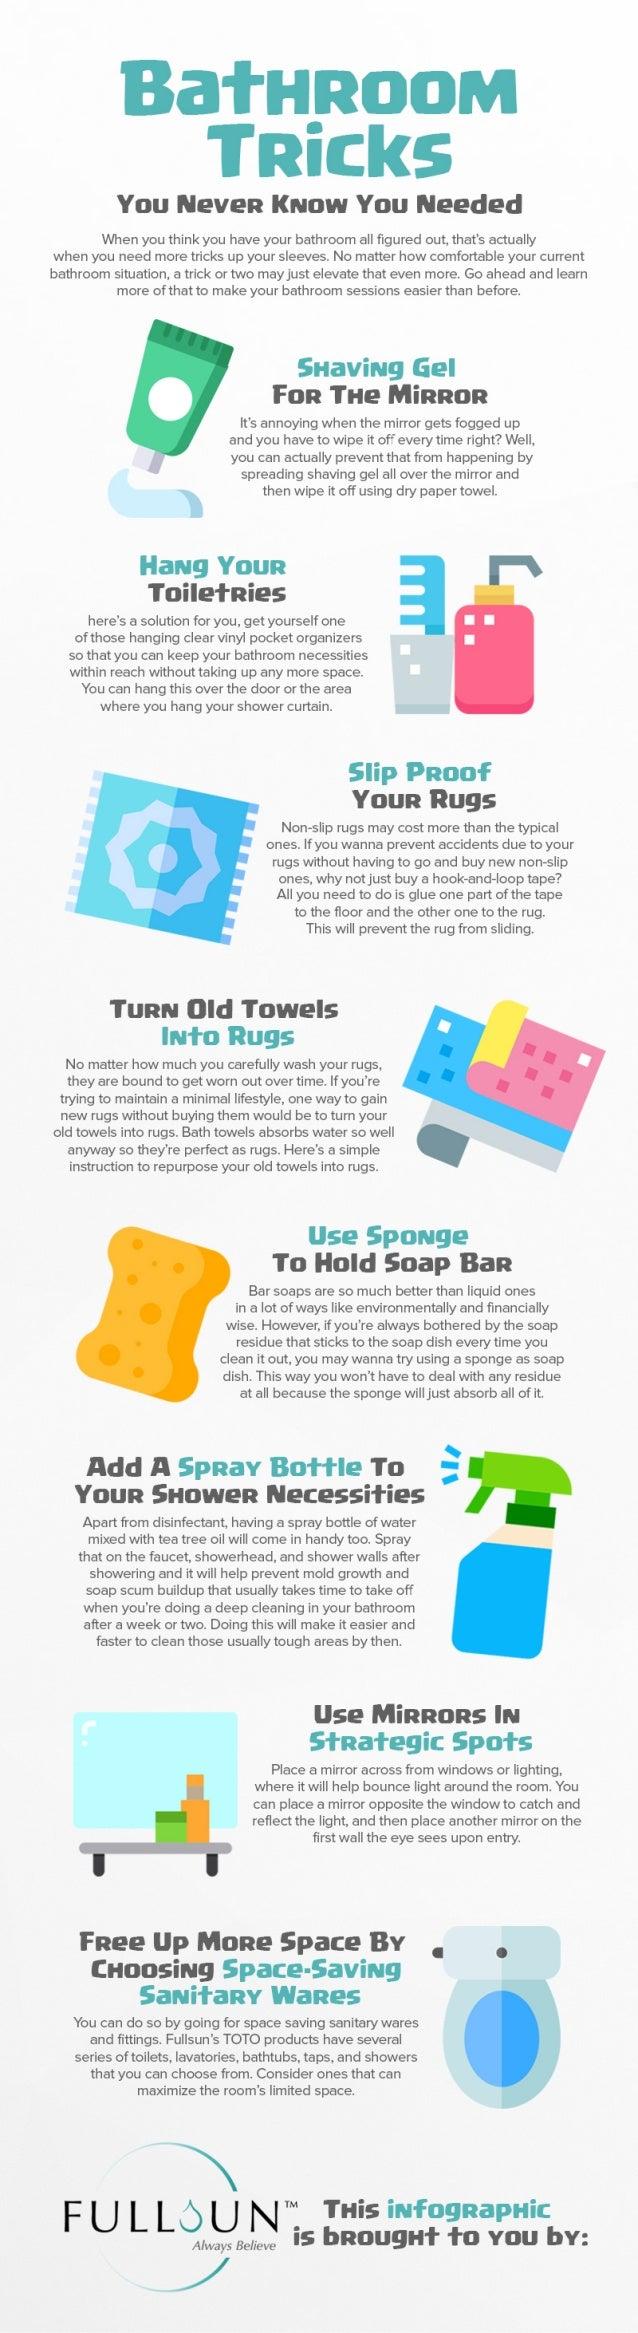 Bathroom Tricks You Never Know You Needed